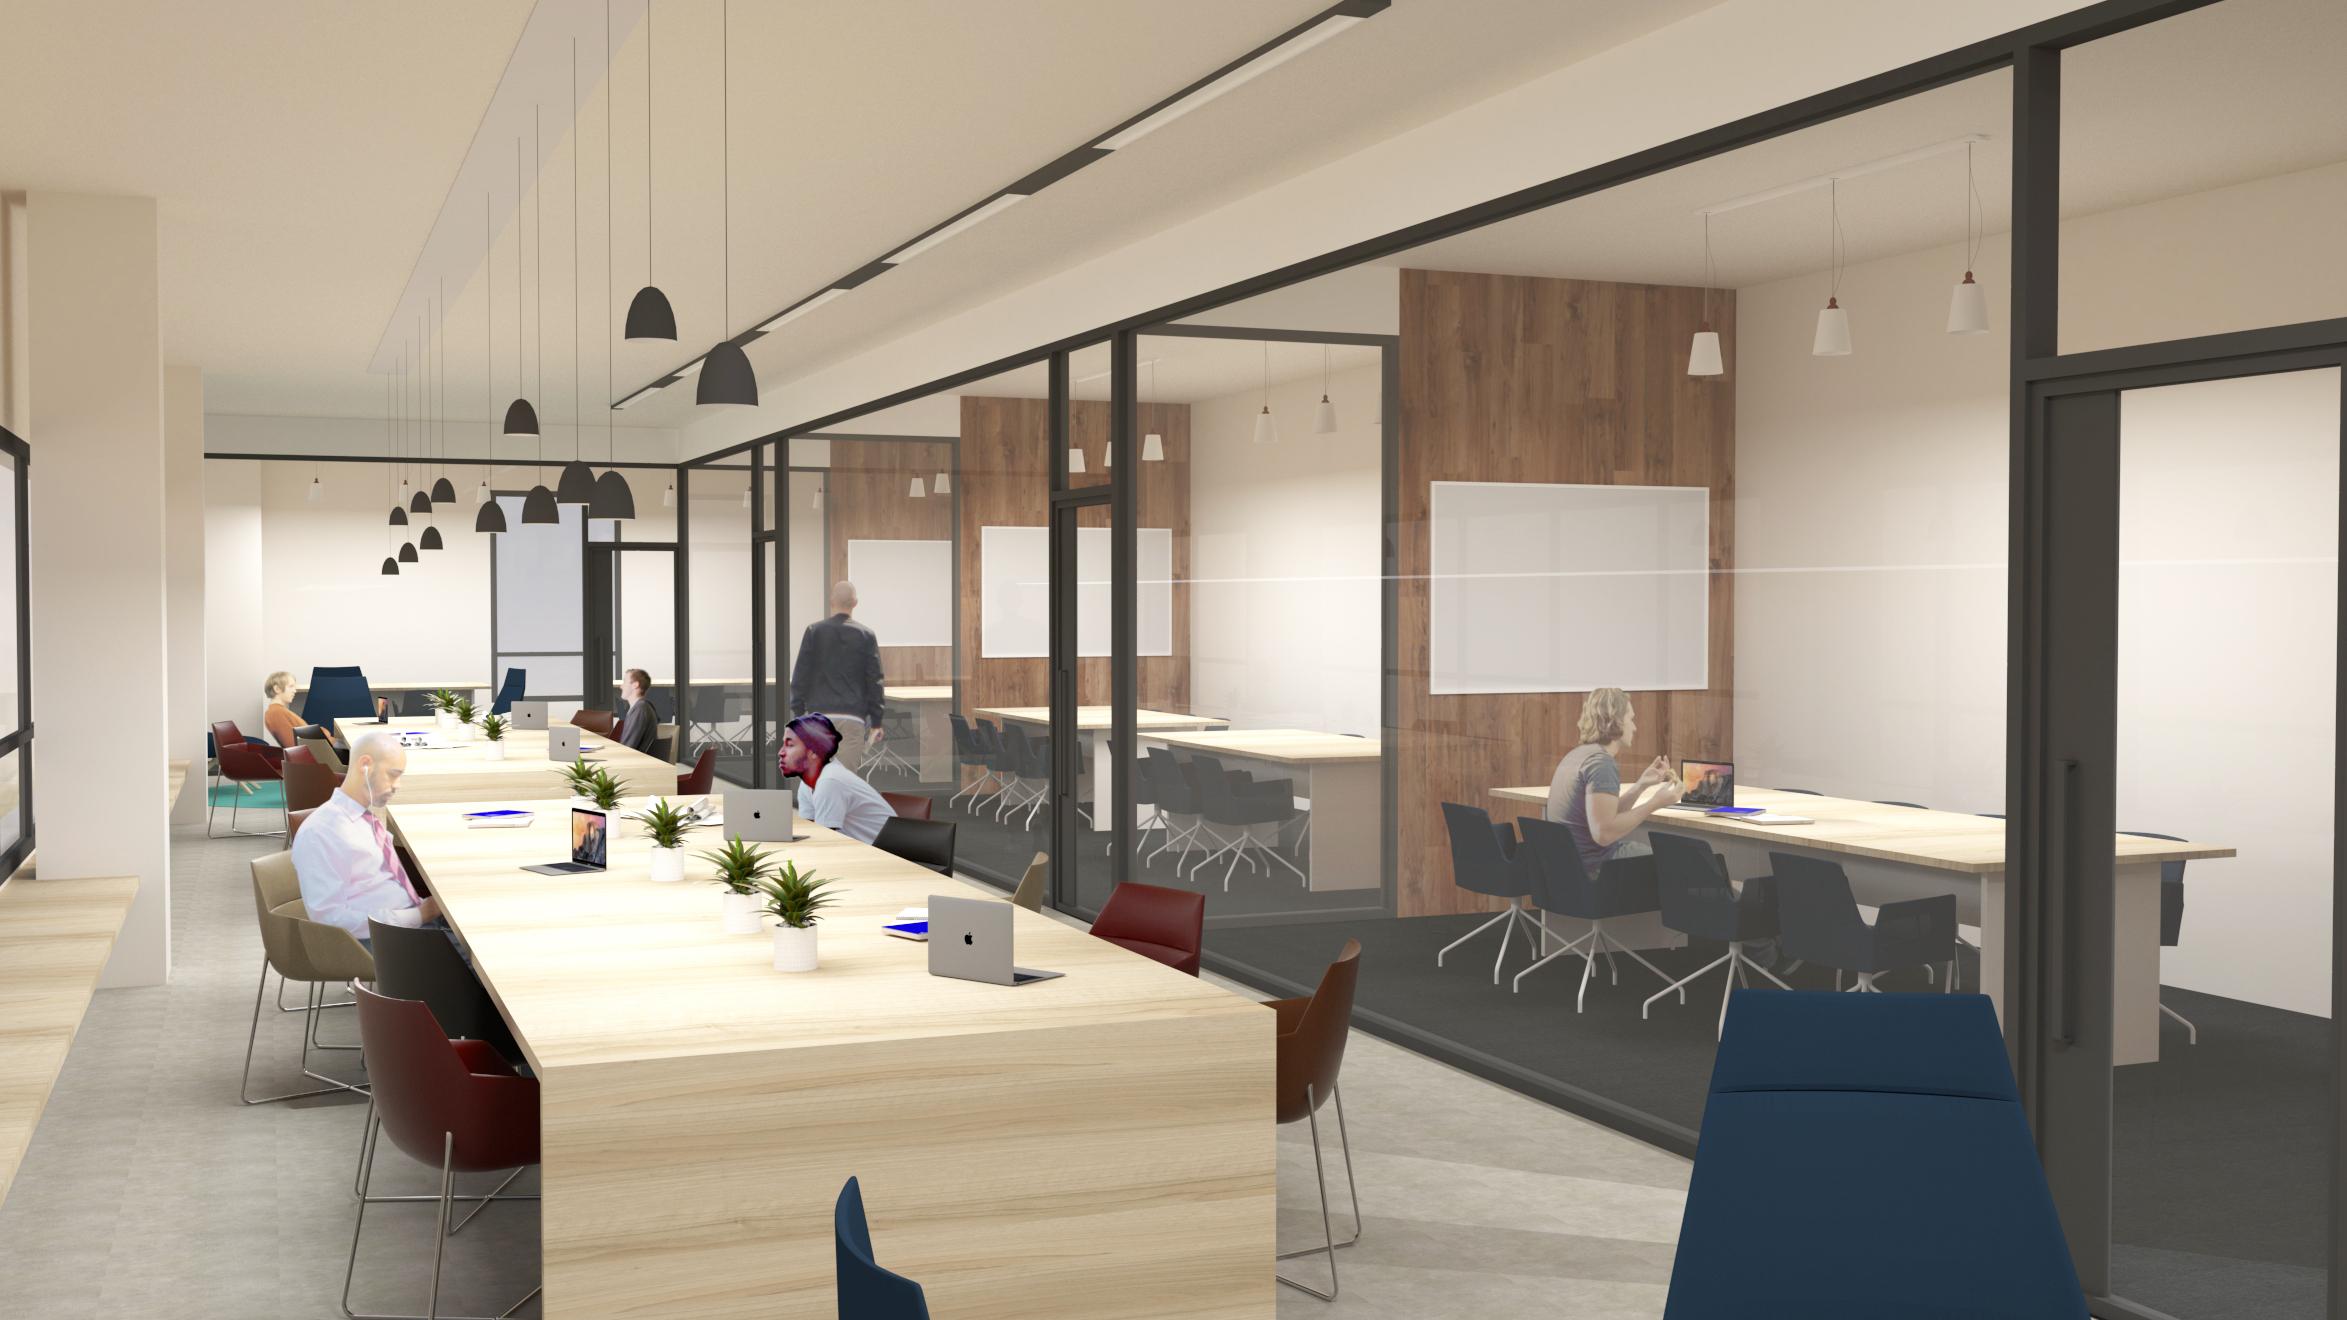 02 proyecto diseño interior oficinas san sebastián _ilia ...